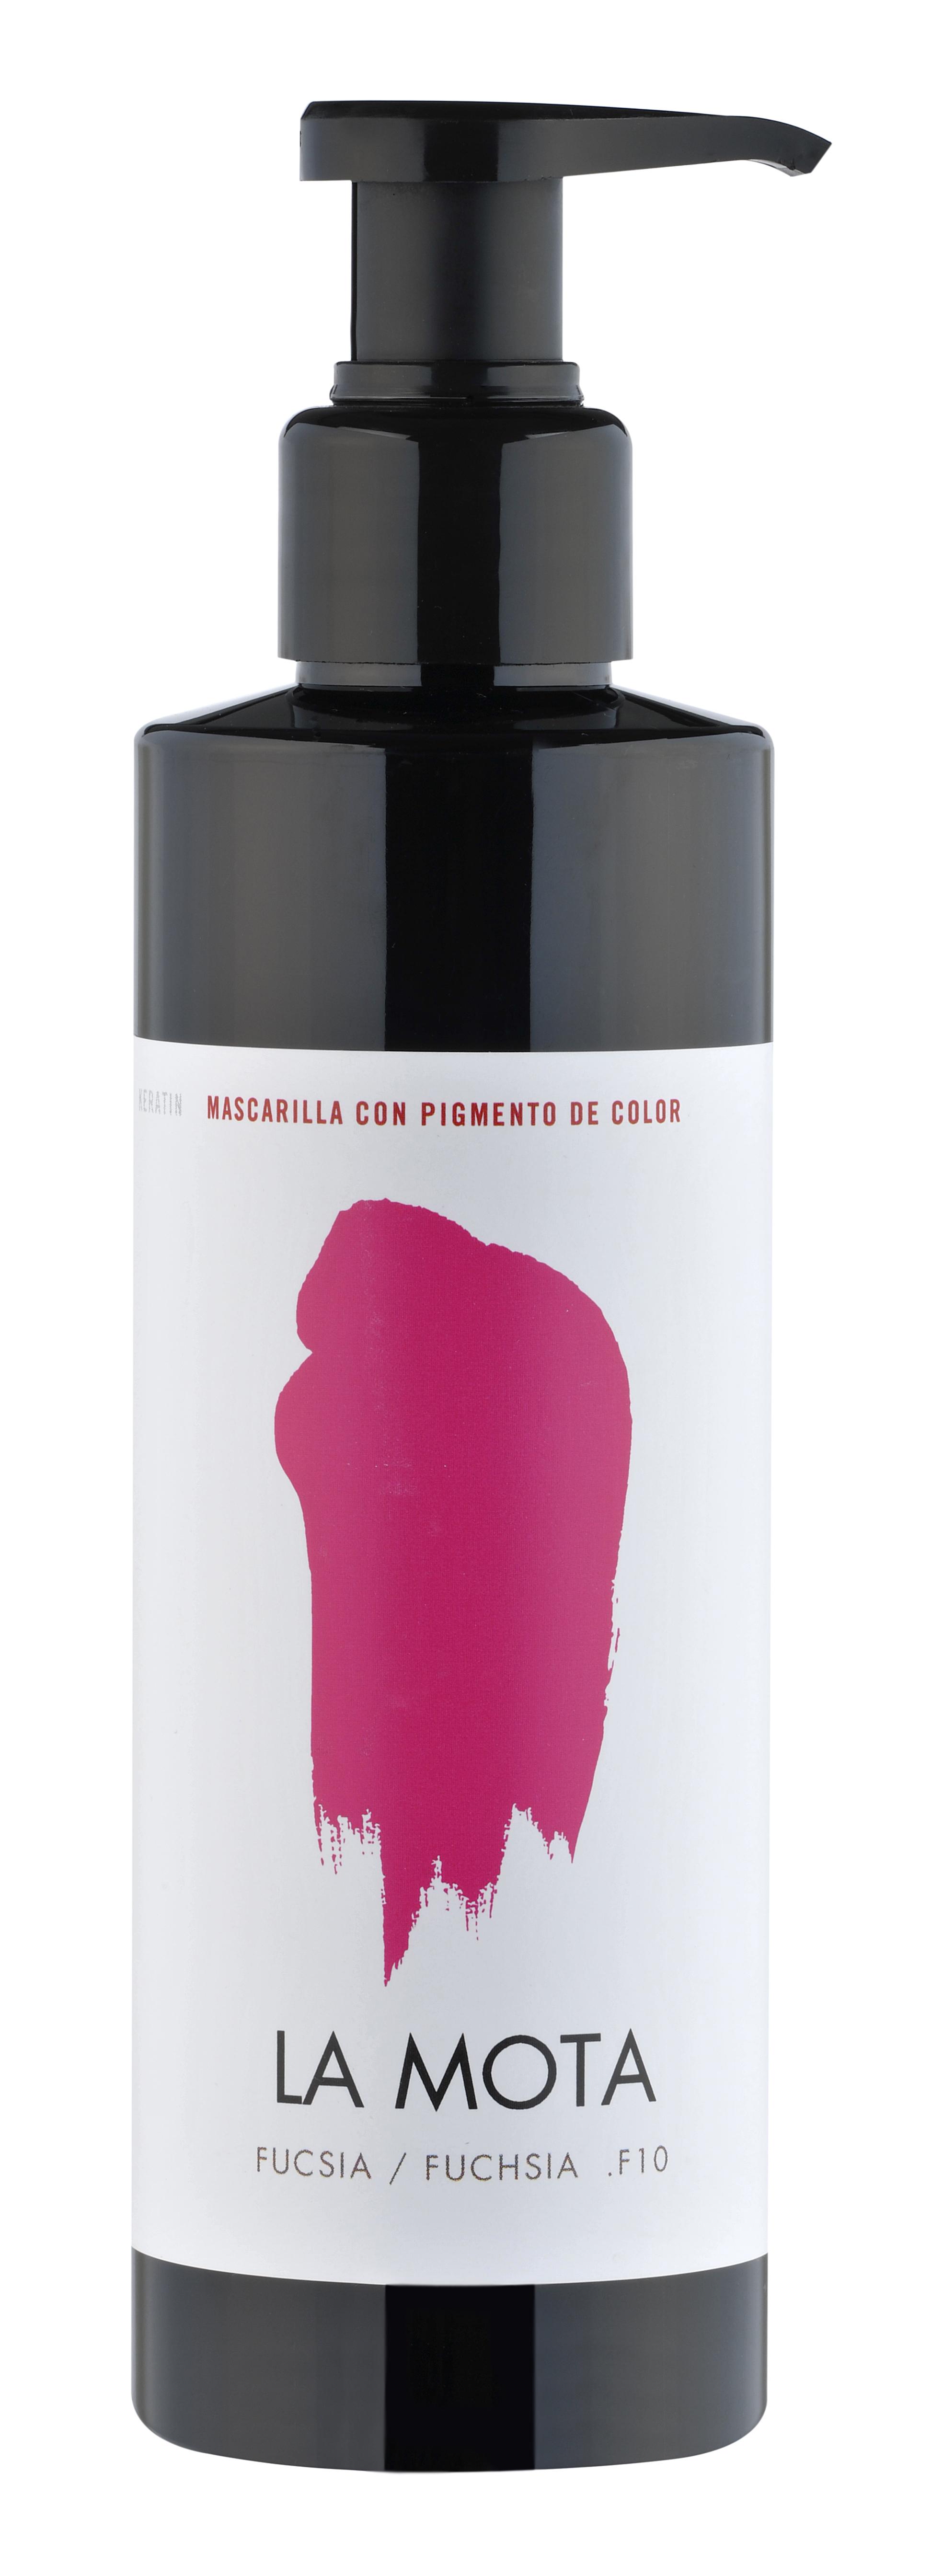 Mascarilla Color&Cream (29¤), de La Mota con pigmentos de color...